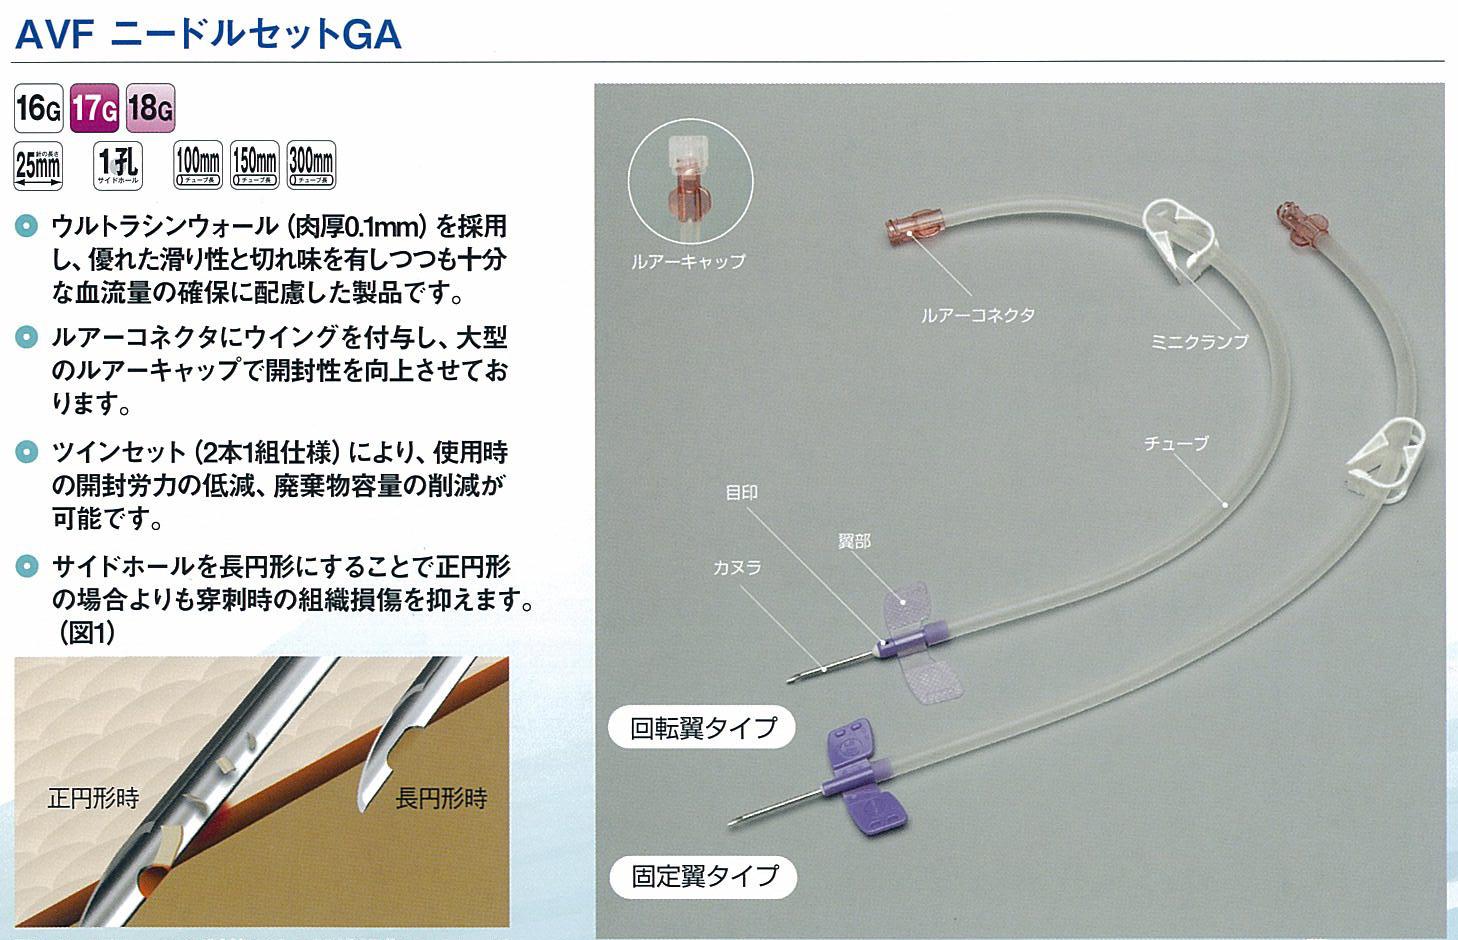 【送料無料】 医療機器 セーフタッチAVFニードルセットGA 17G 68-957 ニプロ